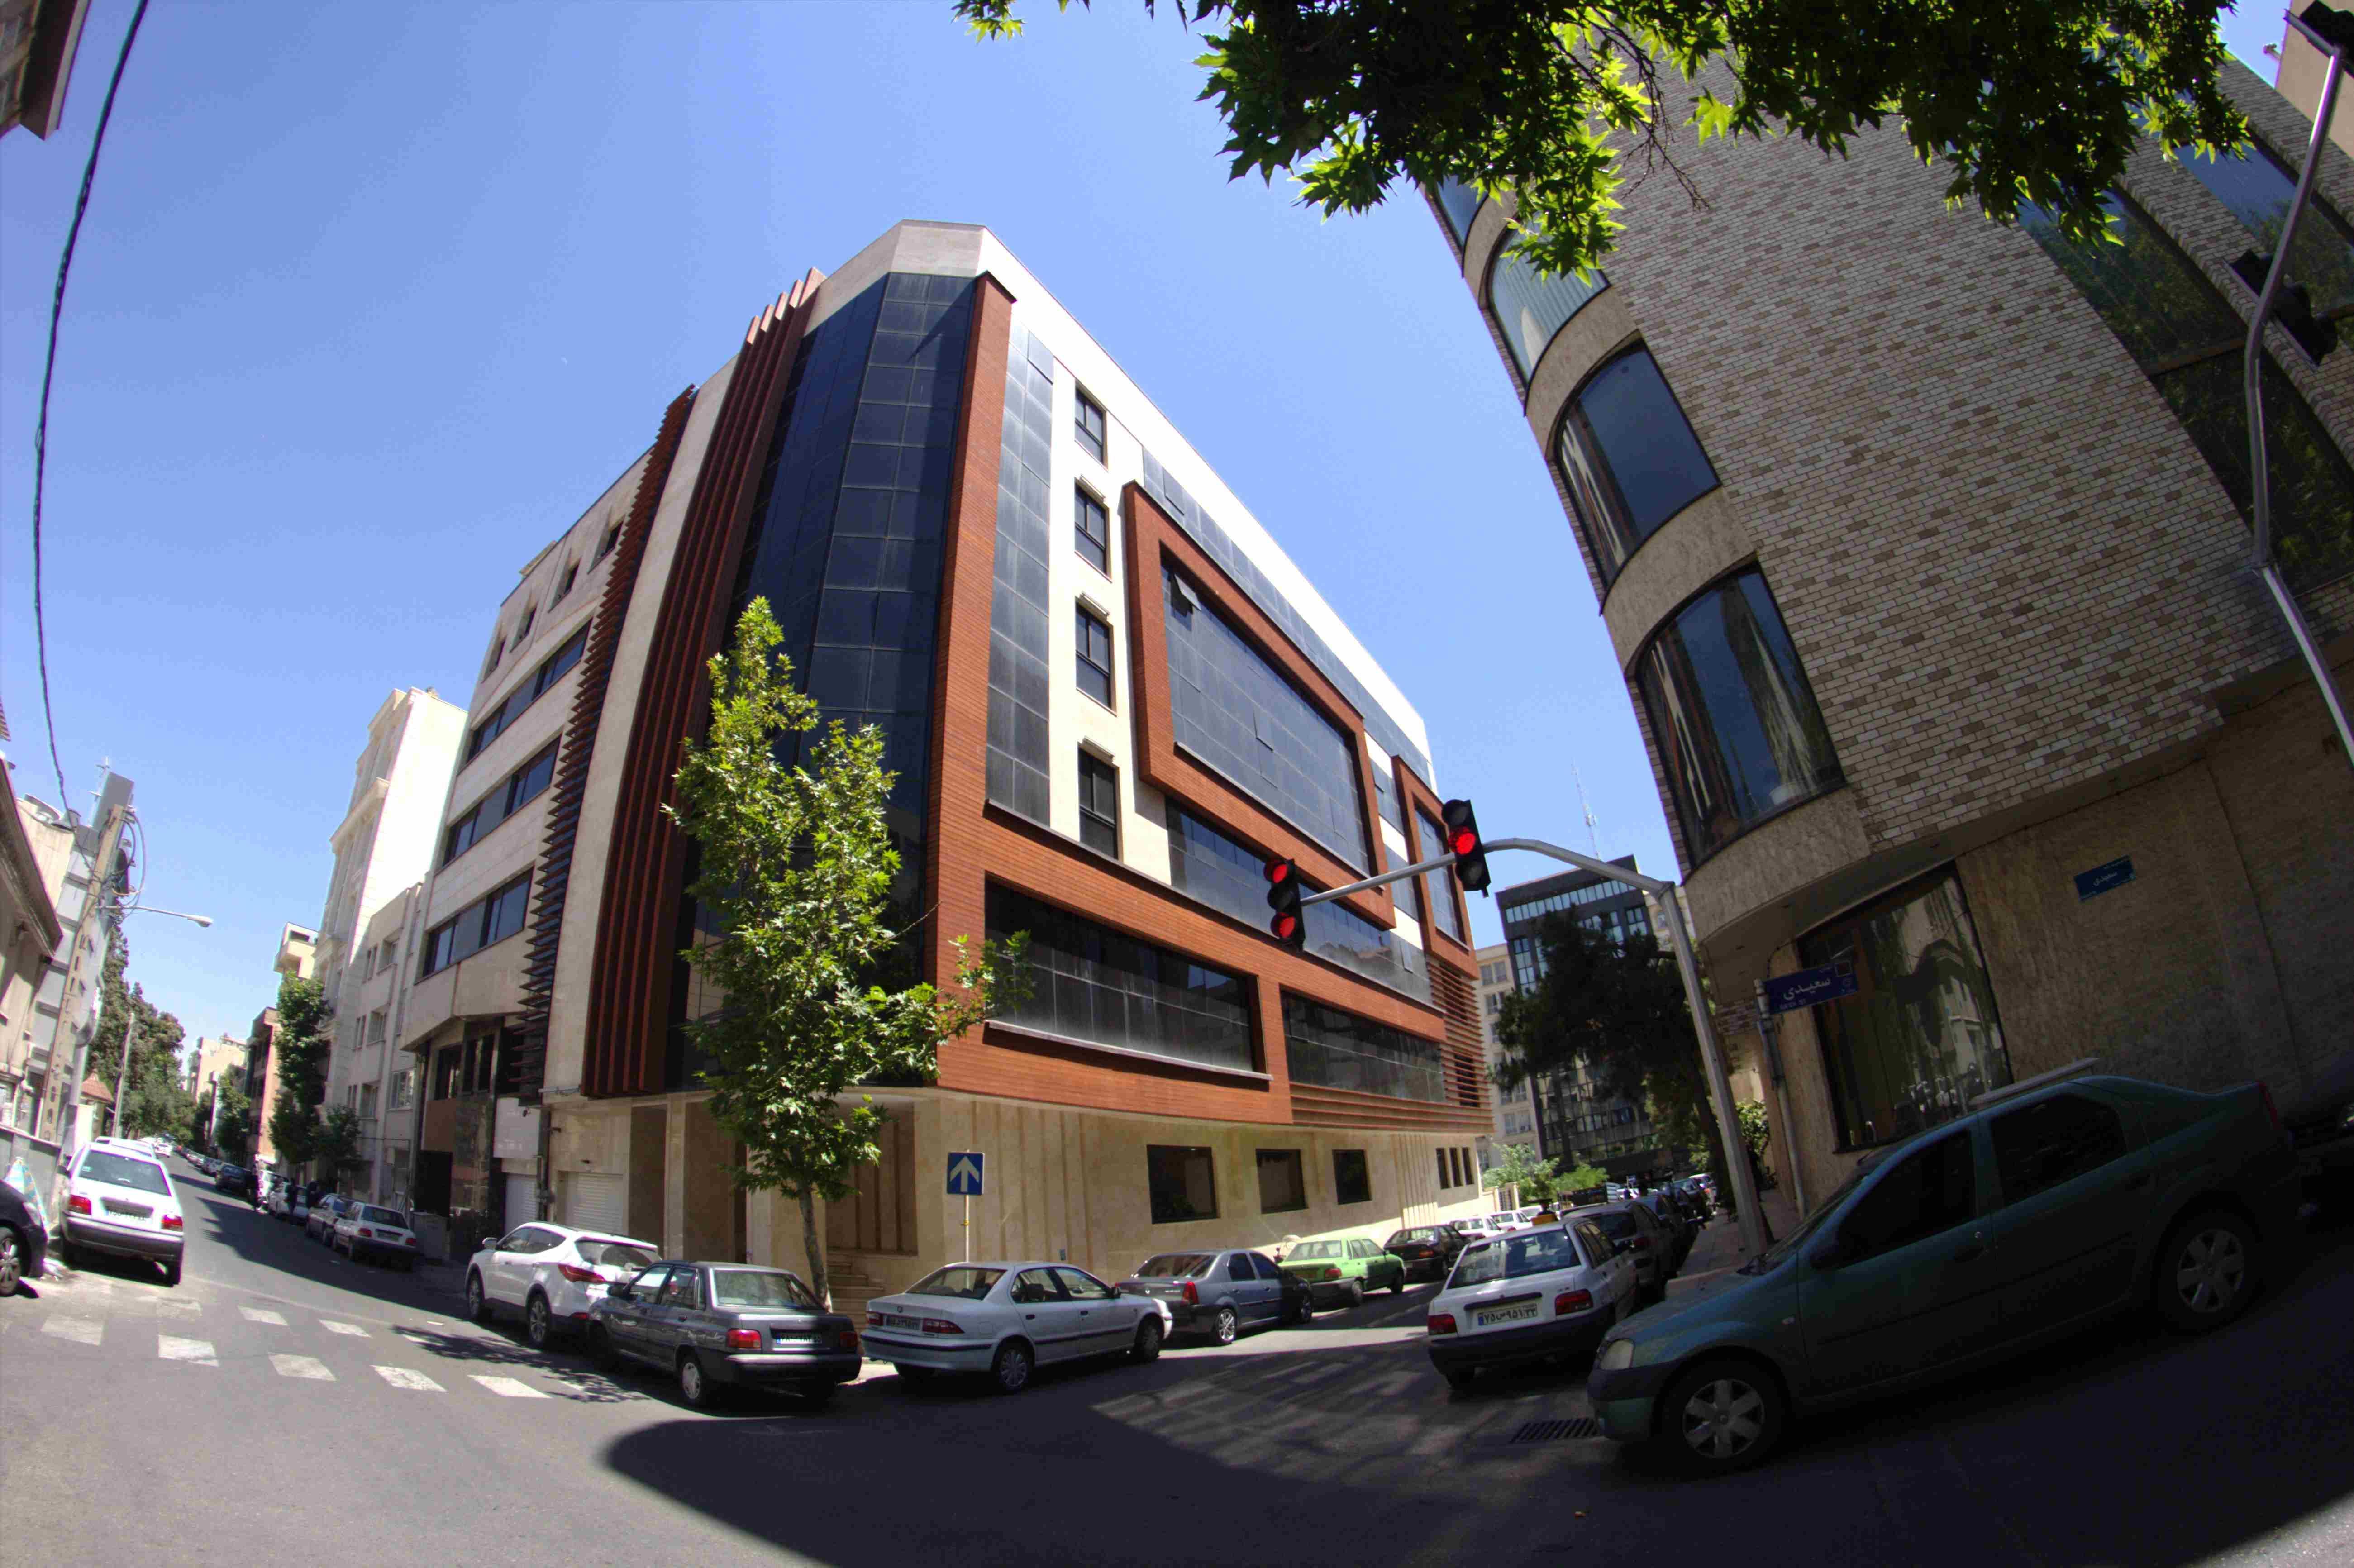 نمای ساختمان   آکاد   نمای چوب   نمای ترمووود   نمای ترموود   نمای شیشه